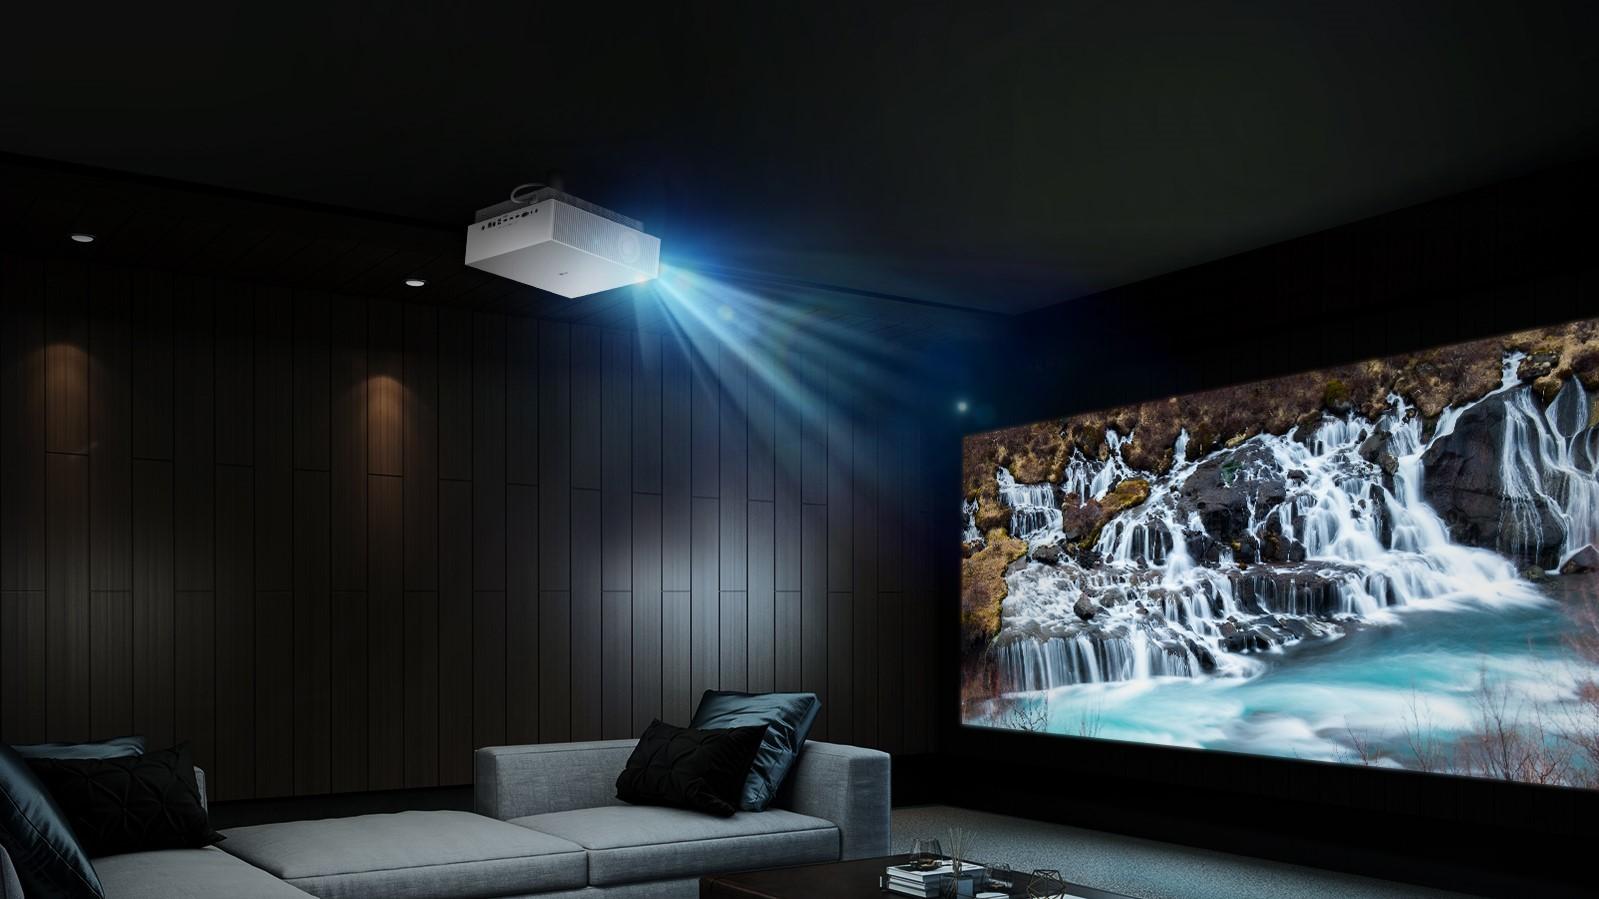 300 дюймов, 4K, 97% DCI-P3, HDR10. Представлен топовый проектор LG Cinebeam 4K UHD Laser